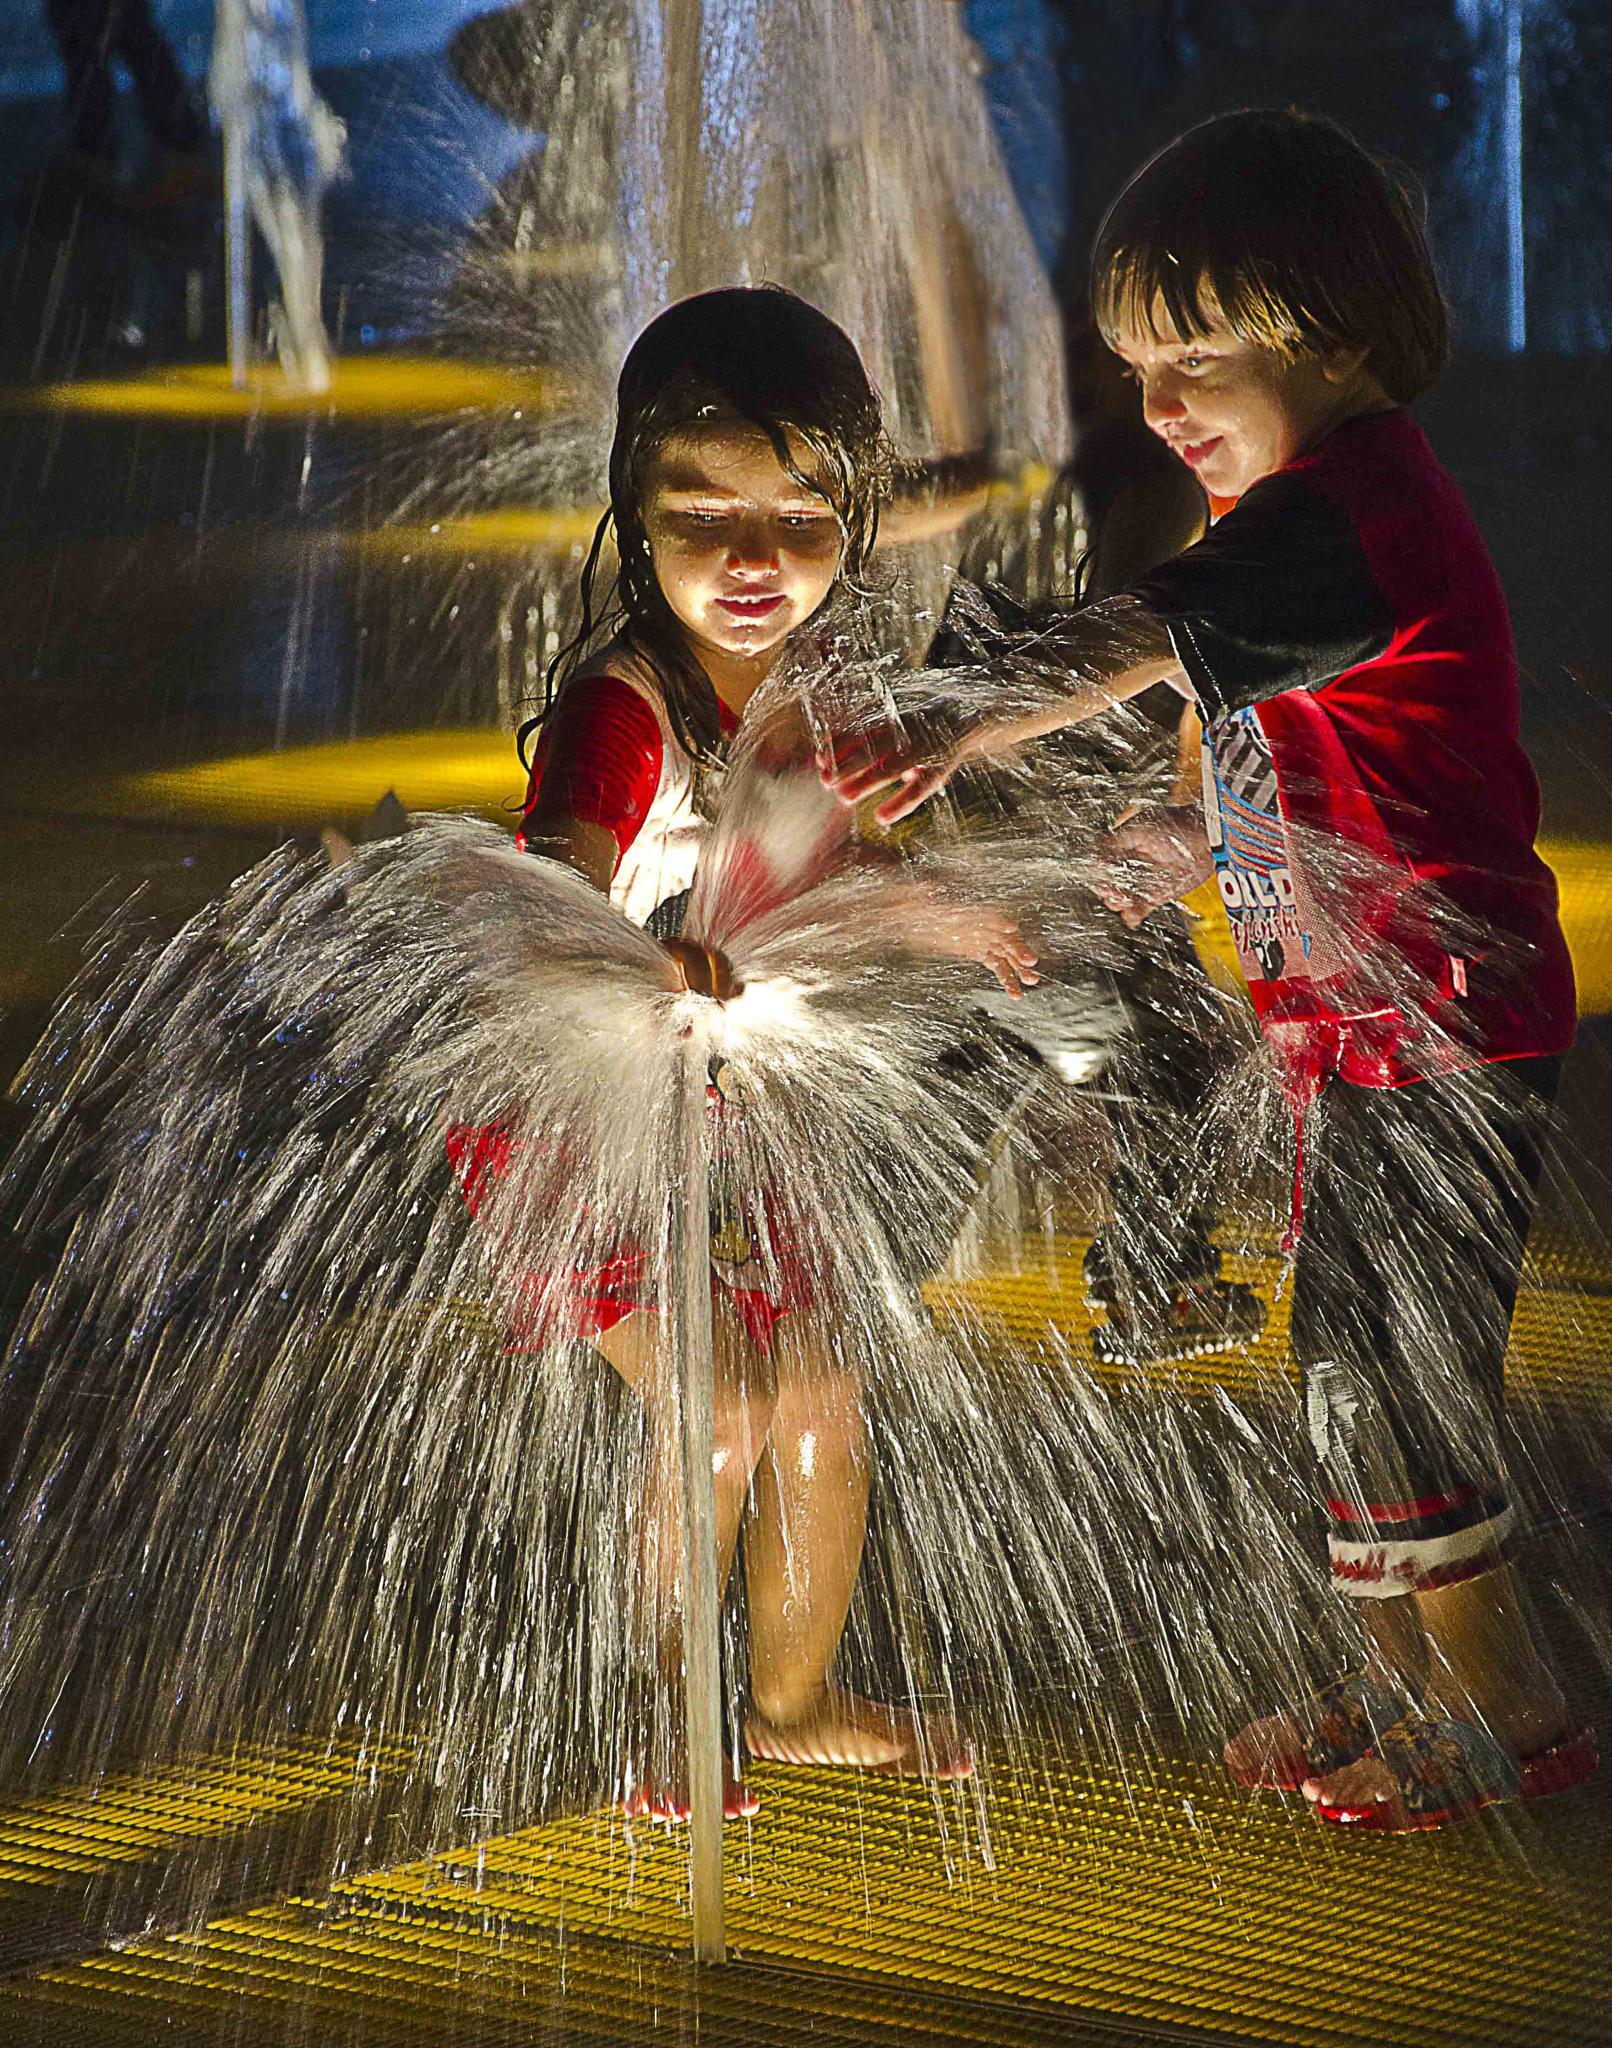 Water fun by MrBpix